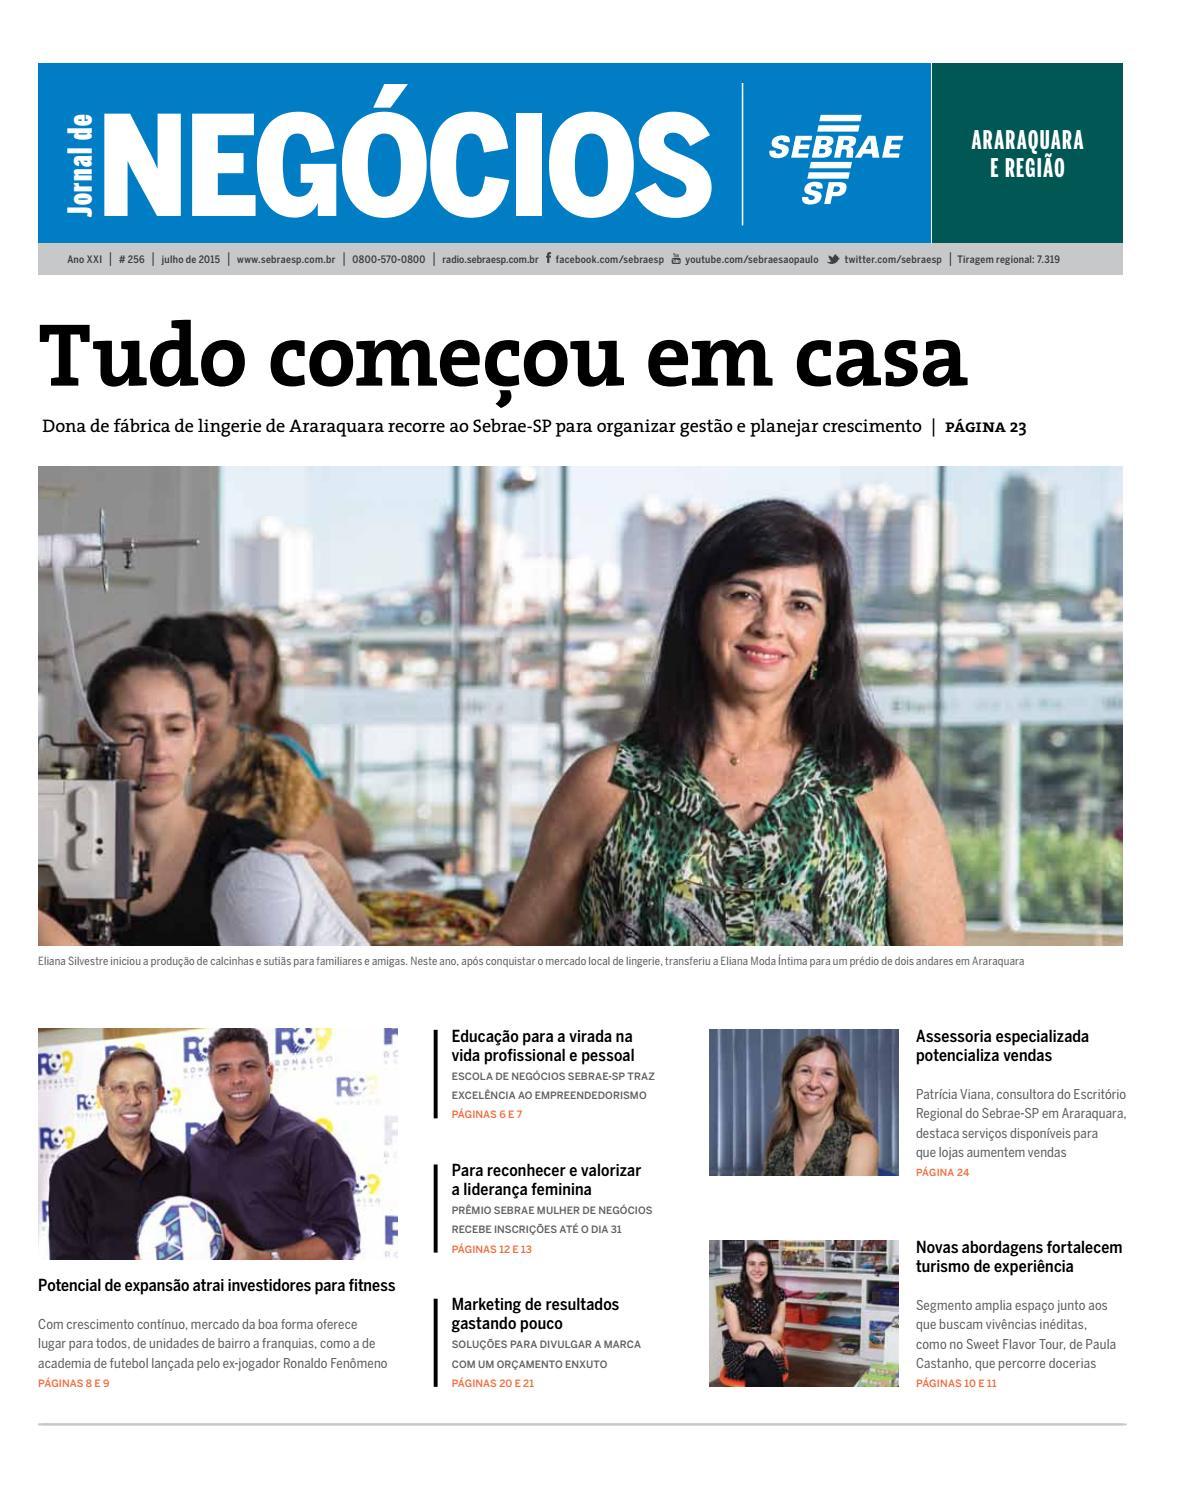 5d94e4d7e Jornal de Negócios Sebrae SP - 01 de Julho de 2015 - Araraquara e Região by  Sebrae-SP - issuu